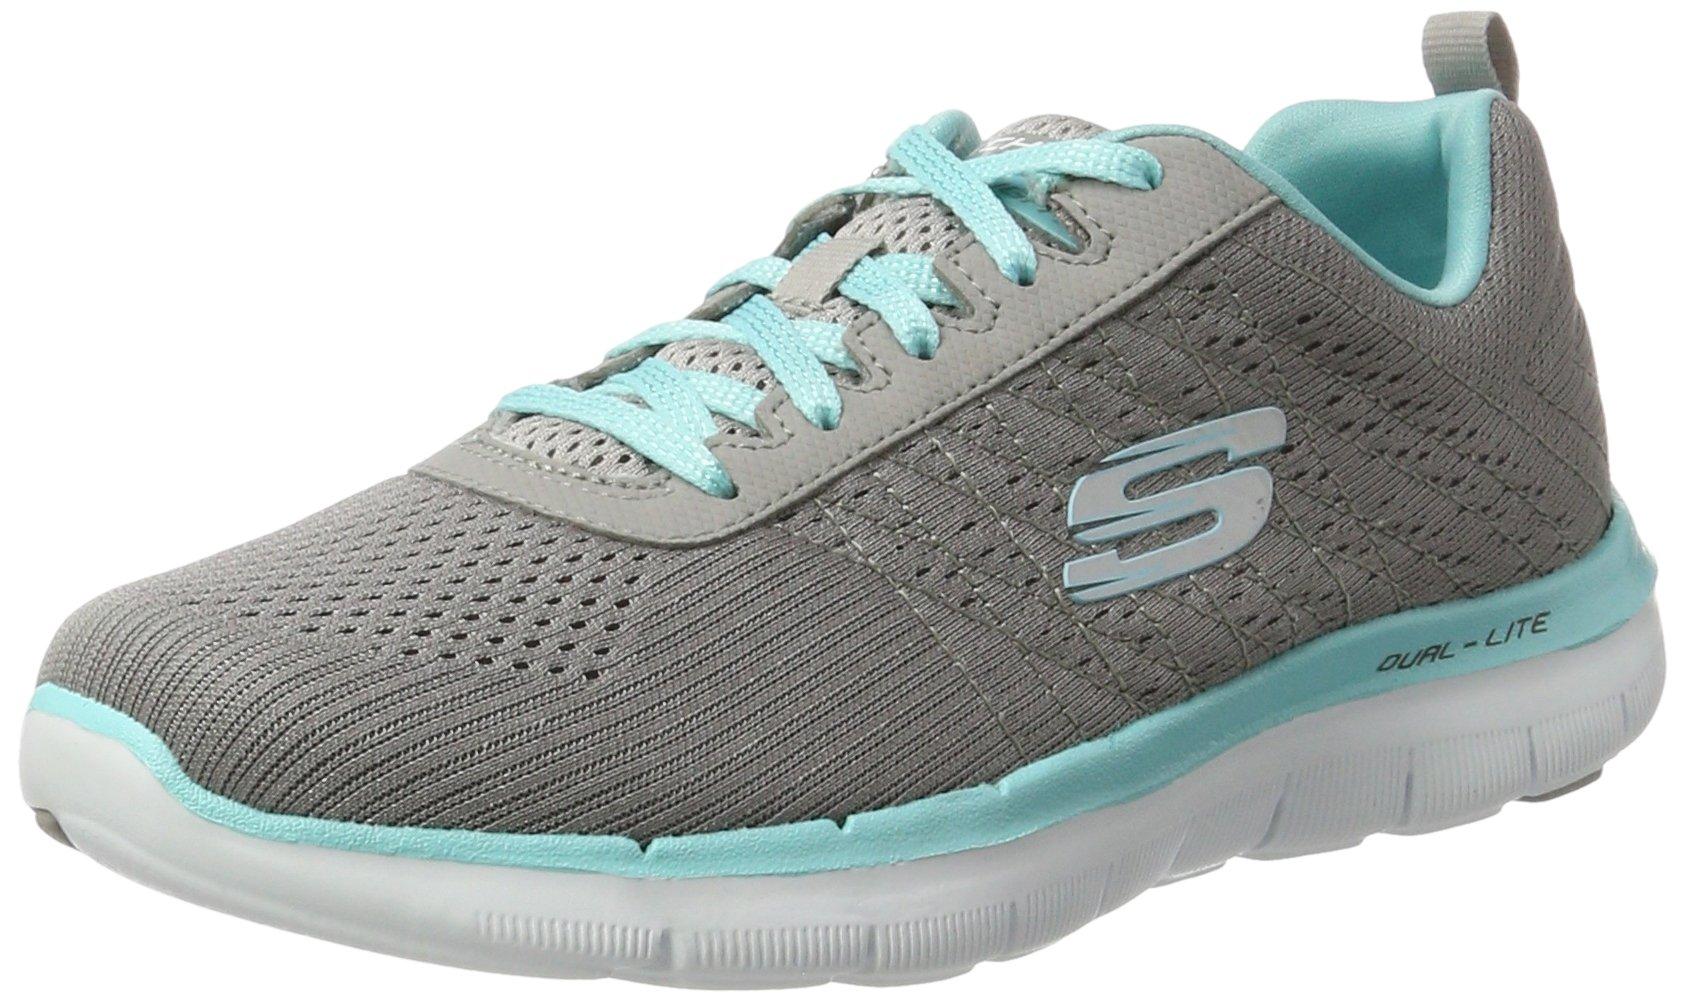 Skechers Flex Appeal 2.0 Break Free, Zapatillas De Deporte para Mujer product image